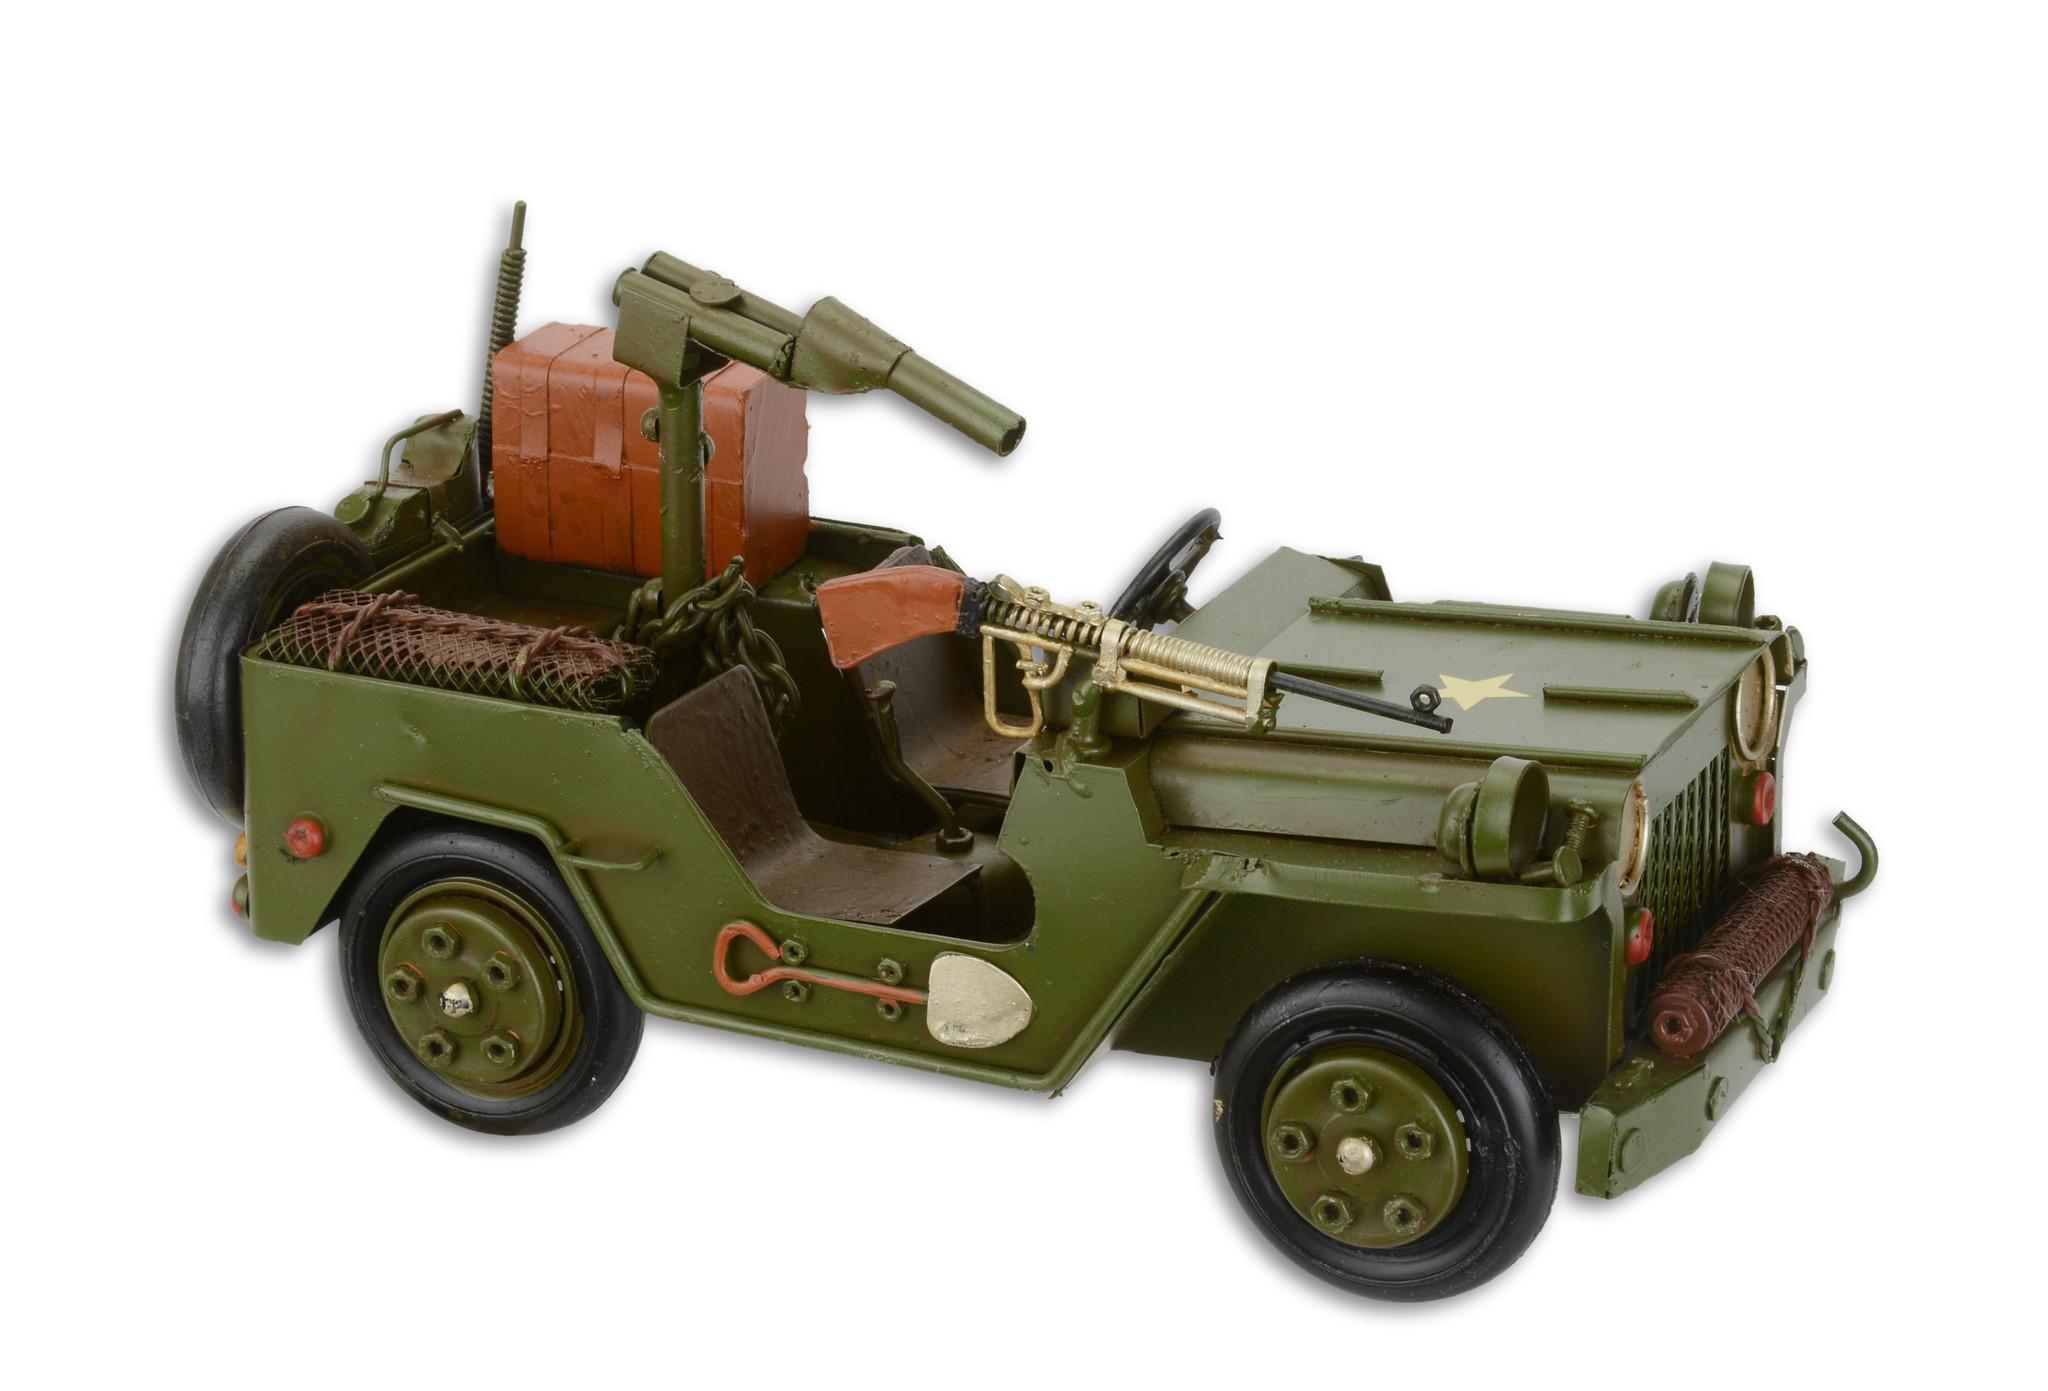 Eliassen Miniaturmodell Jeep mit Gewehr